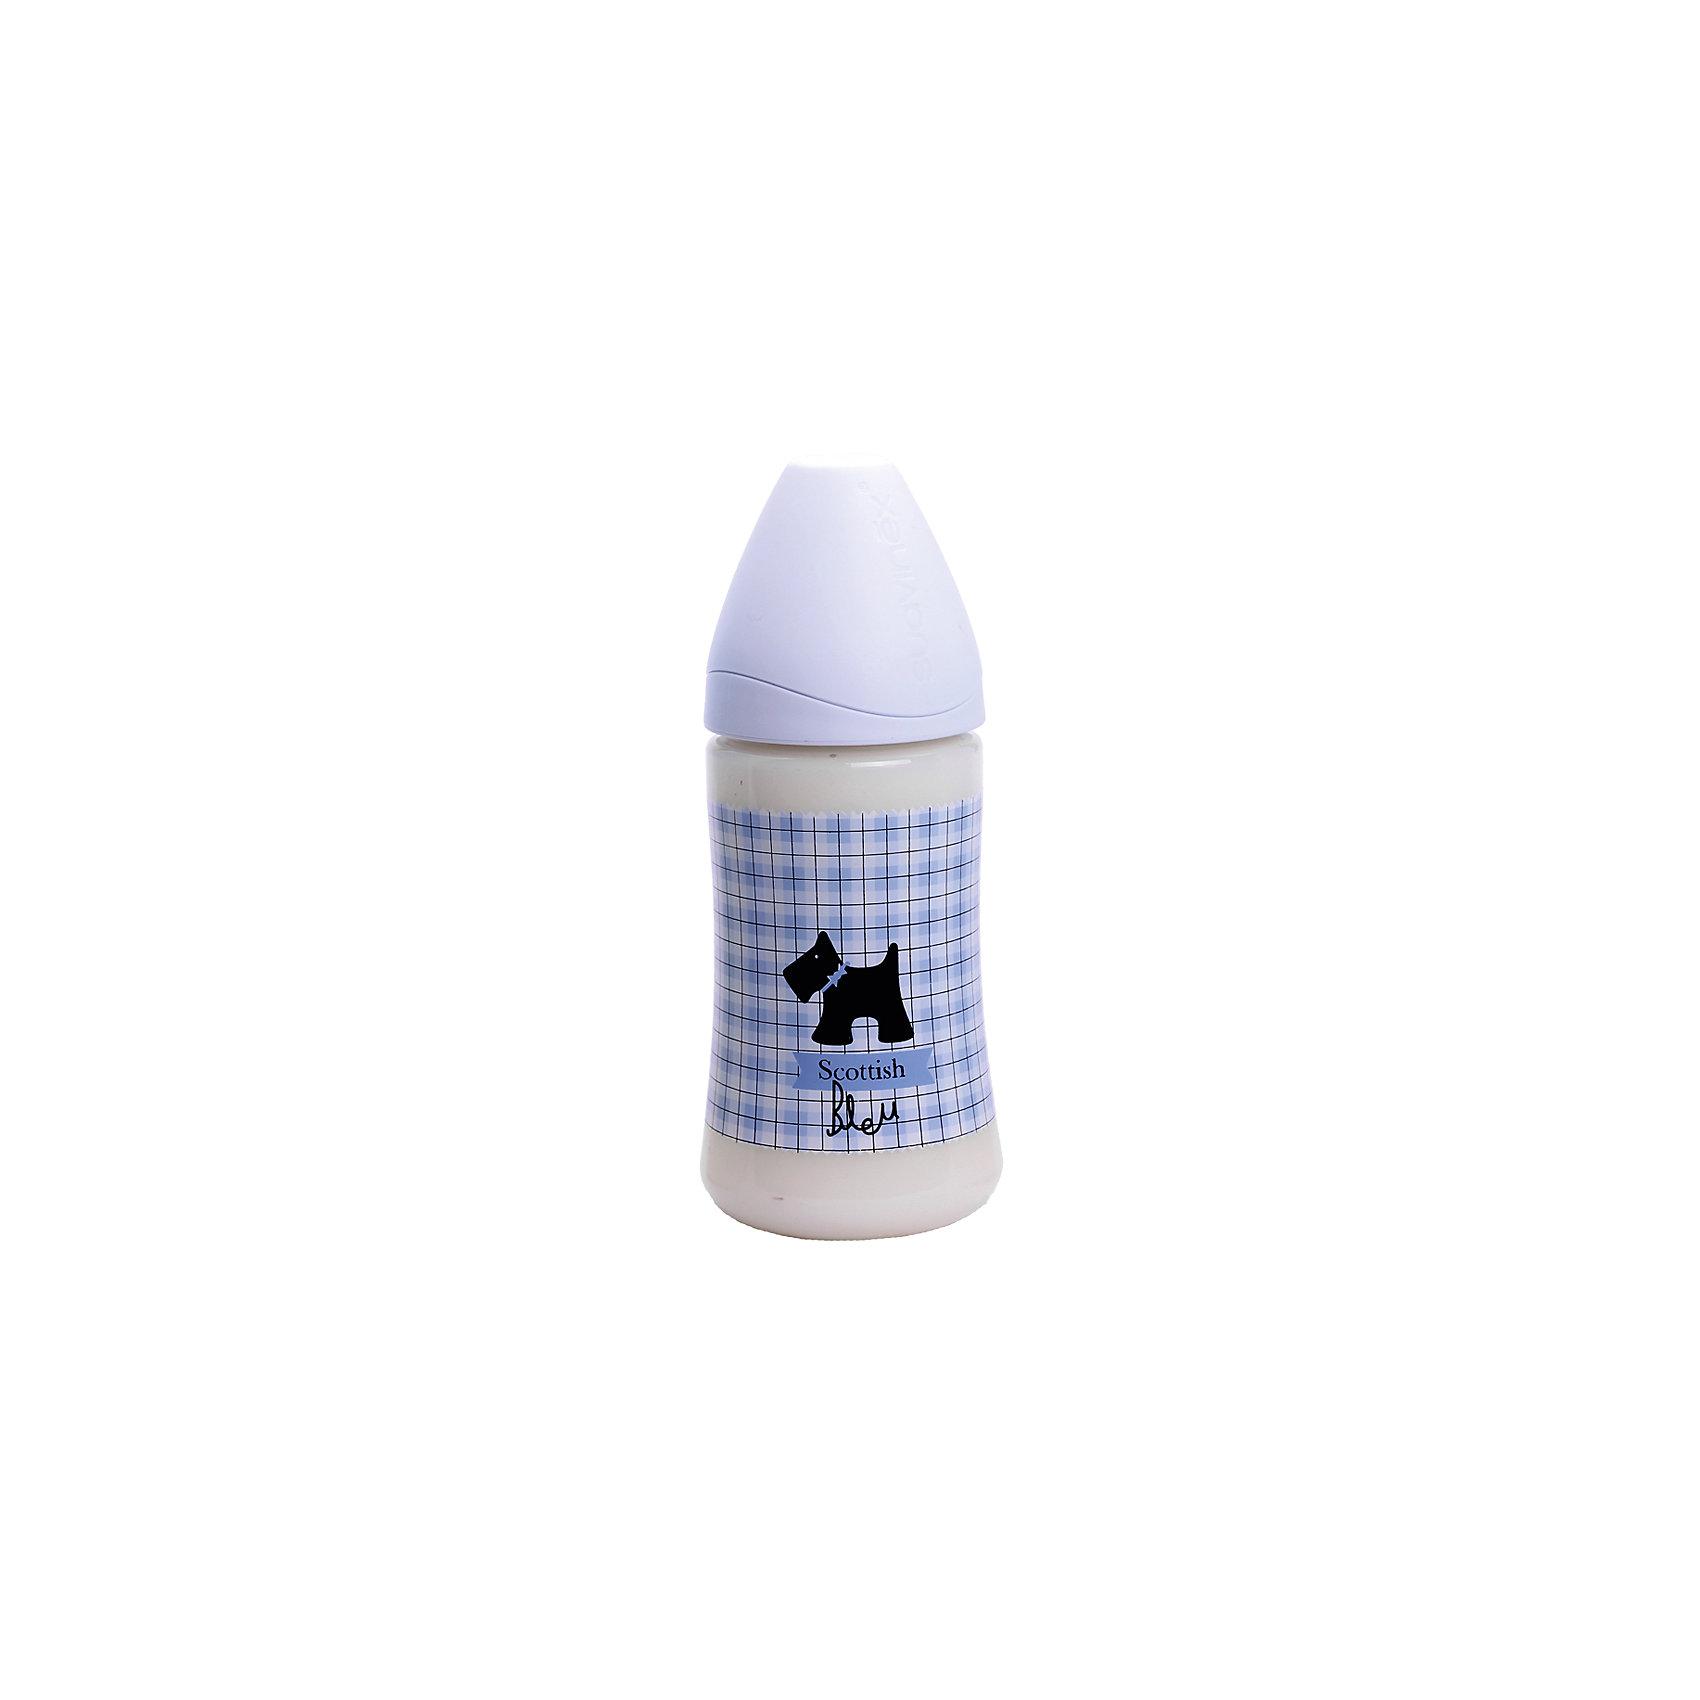 Бутылочка 270мл SCOTTISHот 0-6 мес.,Suavinex,бледно-голубой /черная собачкаБутылочки и аксессуары<br>Характеристики:<br><br>• Наименование: бутылка для кормления<br>• Рекомендуемый возраст: от 0 до 6 месяцев<br>• Пол: для мальчика<br>• Объем: 270 мл<br>• Материал: силикон, пластик<br>• Цвет: голубой, черный<br>• Рисунок: собачка, шотландская клетка<br>• Форма соски: анатомическая<br>• Комплектация: бутылочка, соска, колпачок<br>• Наличие антиколикового клапана<br>• Горлышко бутылки адаптировано под любую форму соски данного производителя<br>• Вес: 105 г<br>• Параметры (Д*Ш*В): 7*7*17,3 см <br>• Особенности ухода: регулярная стерилизация и своевременная замена<br><br>Бутылка 270 мл SCOTTISH от 0-6 мес., Suavinex, бледно-голубой/черная собачка изготовлена испанским торговым брендом, специализирующимся на выпуске товаров для кормления новорожденных и младенцев. Продукция от Suavinex разработана с учетом рекомендаций педиатров и стоматологов, что гарантирует не только качество и безопасность использованных материалов, но и обеспечивает правильное формирование неба. <br><br>Бутылочка выполнена с широким горлышком, что облегчает уход за ней. Силиконовая соска анатомической формы длительное время сохраняет свои свойства: не рассасывается и не слипается во время кормления. <br><br>Выполнена бутылка в стильном шотландском дизайне. Рисунок устойчив к появлениям царапин и выгоранию цвета даже при частой стерилизации. Бутылка 270 мл SCOTTISH от 0-6 мес., Suavinex, бледно-голубой/черная собачка станет непревзойденным аксессуаром для кормления вашего малыша.<br><br>Бутылку 270 мл SCOTTISH от 0-6 мес., Suavinex, бледно-голубой/черная собачка можно купить в нашем интернет-магазине.<br><br>Ширина мм: 70<br>Глубина мм: 70<br>Высота мм: 173<br>Вес г: 105<br>Возраст от месяцев: 0<br>Возраст до месяцев: 6<br>Пол: Мужской<br>Возраст: Детский<br>SKU: 5451299